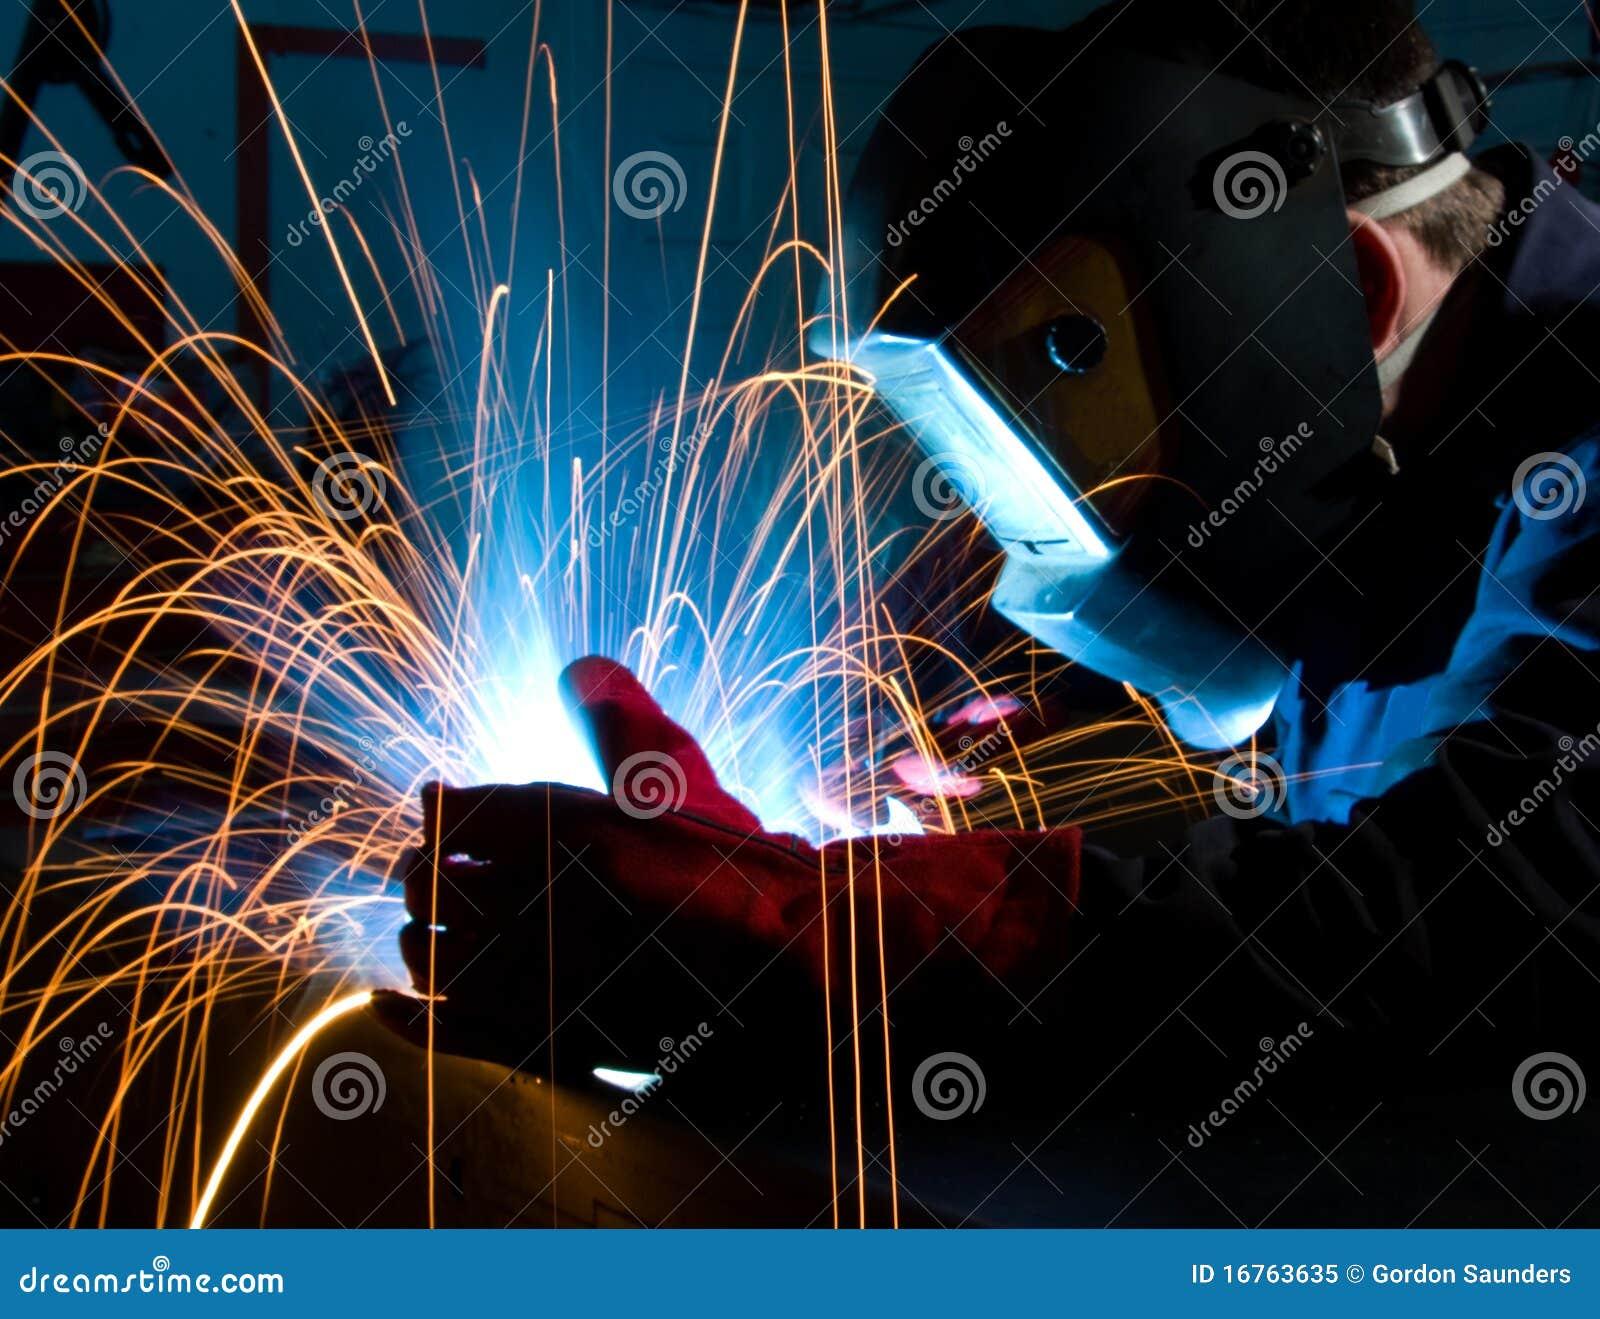 建筑钢焊接